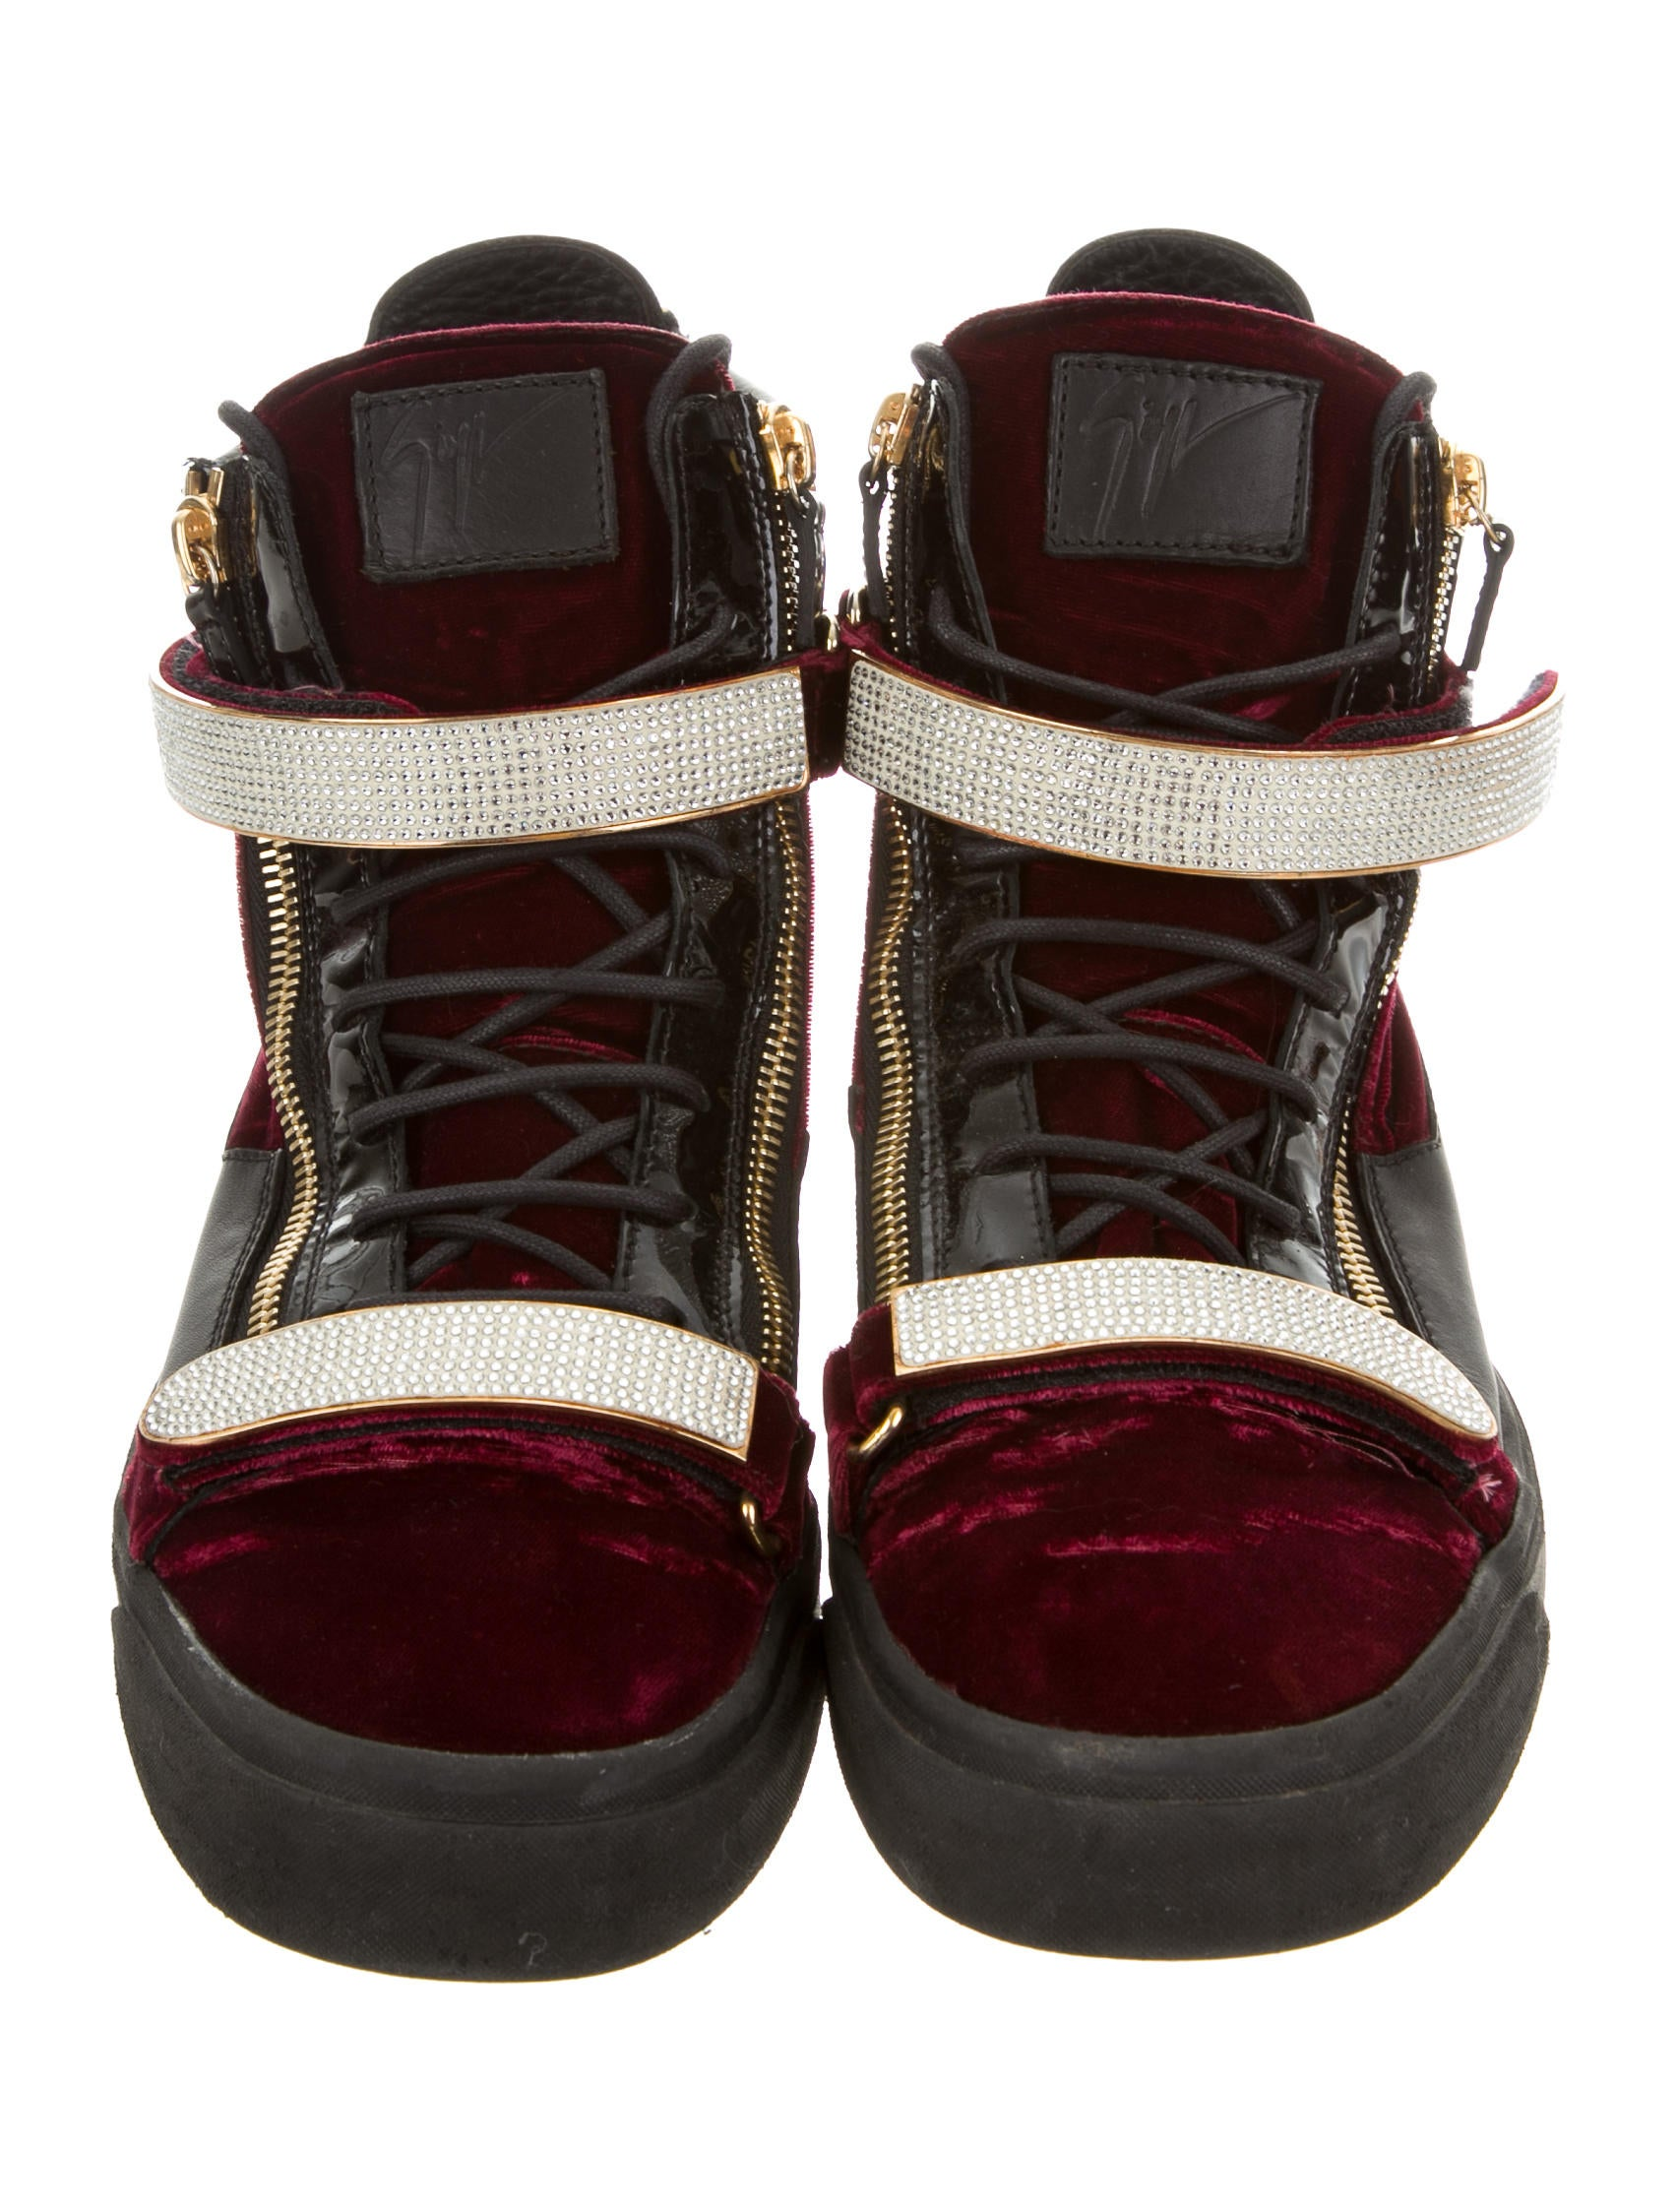 Giuseppe Zanotti Velvet High Top Sneakers Shoes